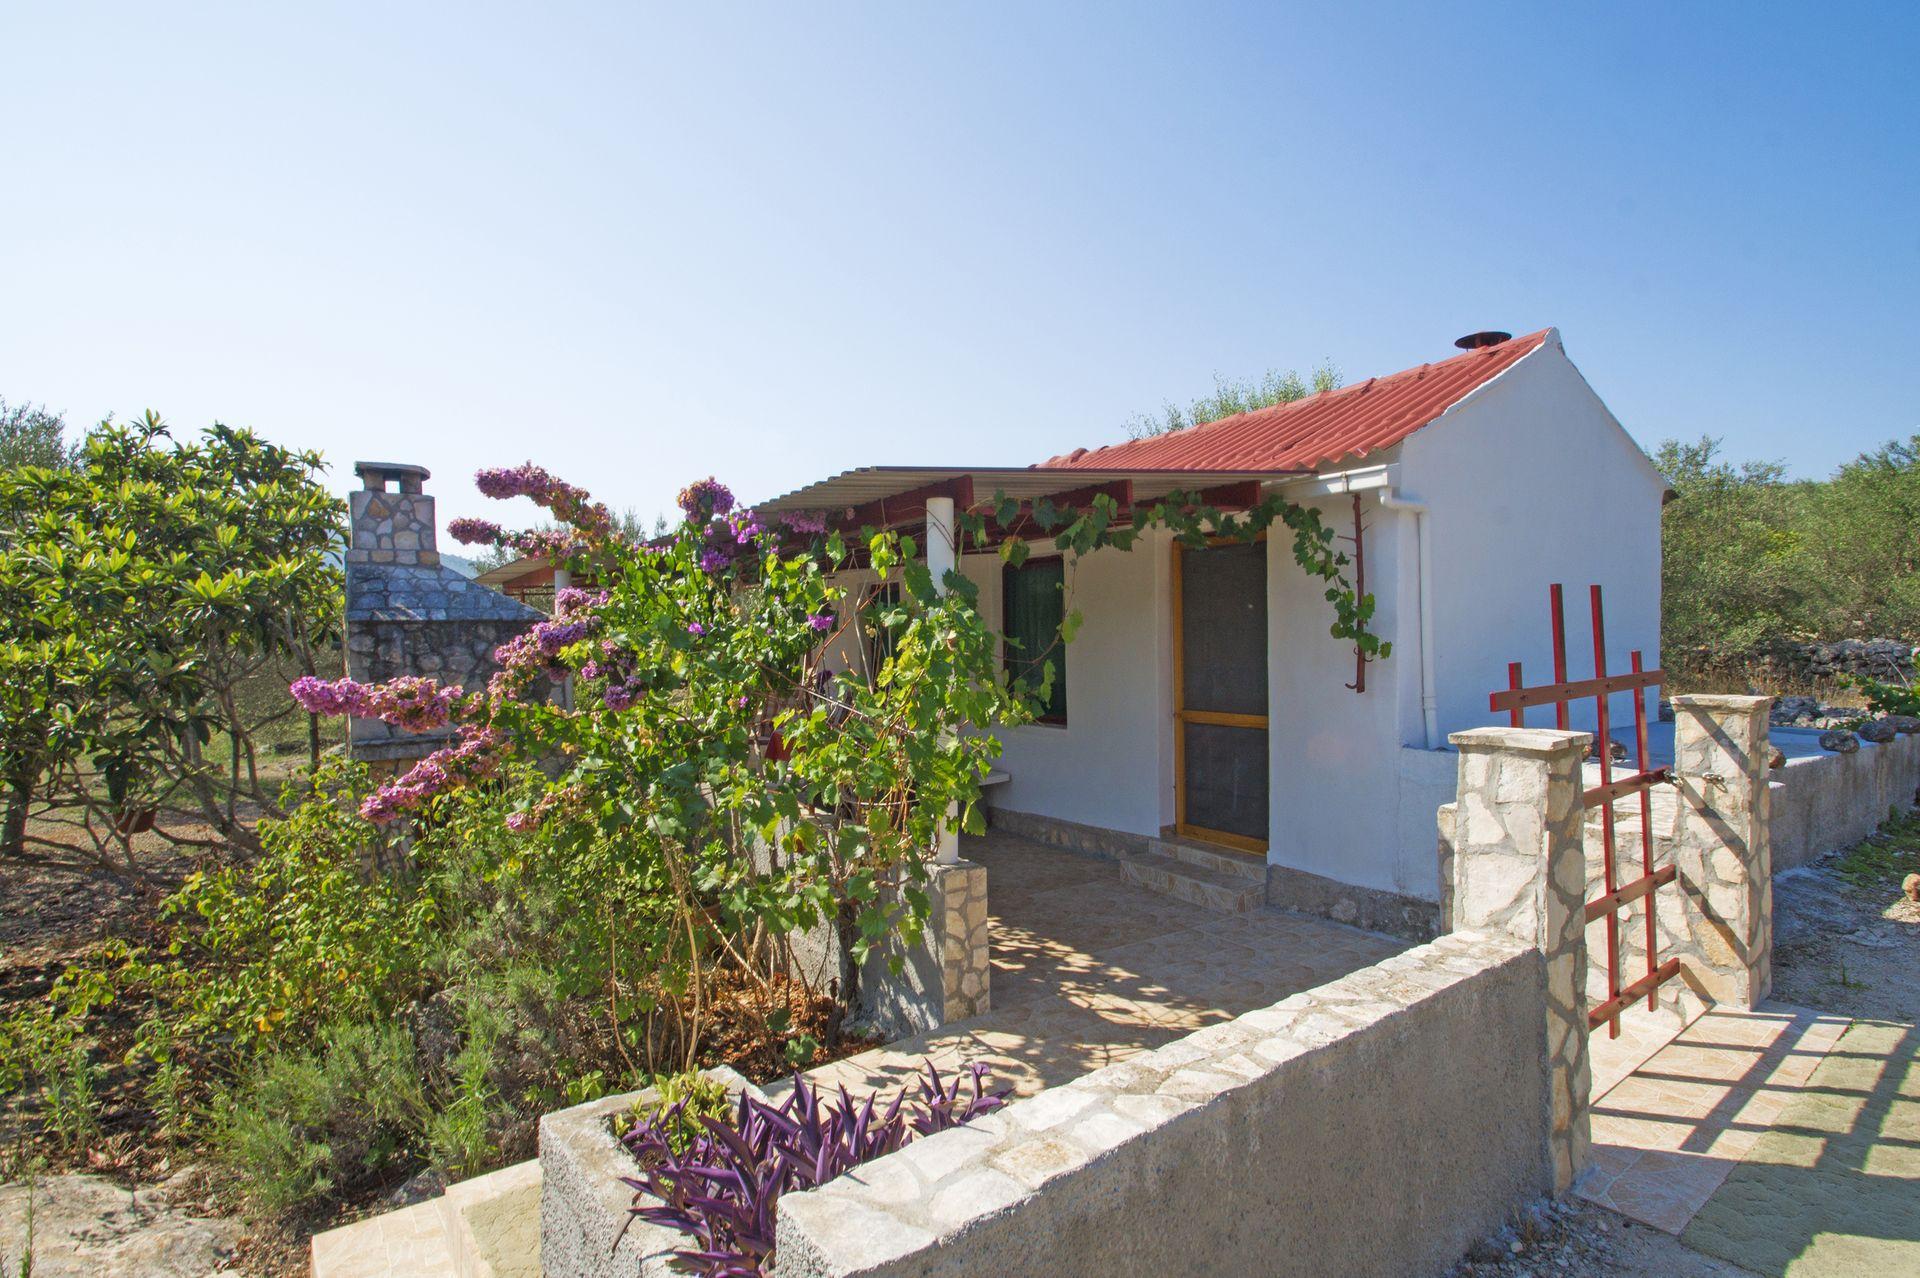 35550 - Bucht Tudorovica (Vela Luka) - Ferienhäuser, Villen Kroatien